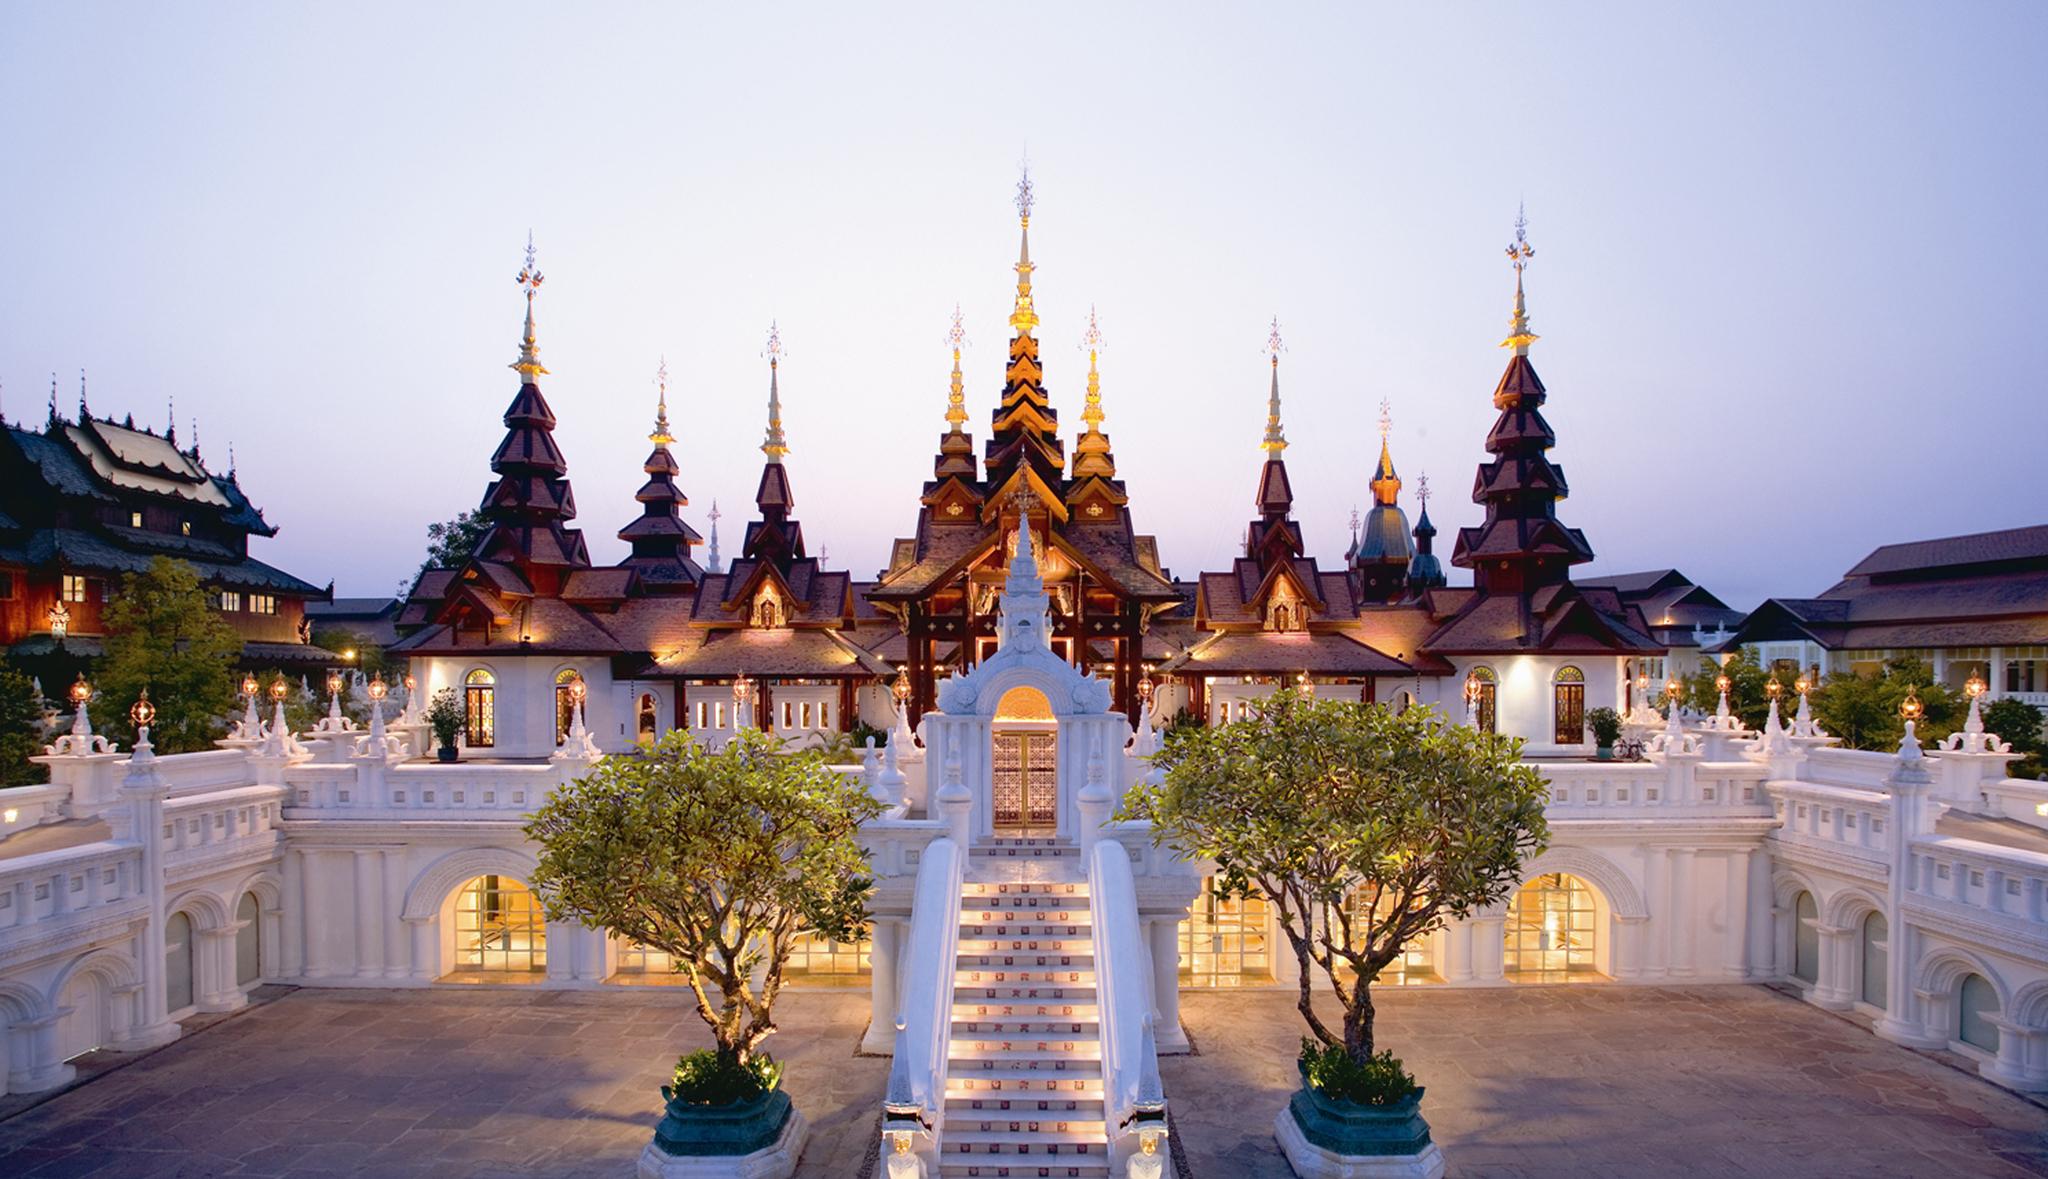 La fachada del hotel Dhara Dhevi en Chiang Mai parece un gran parque...